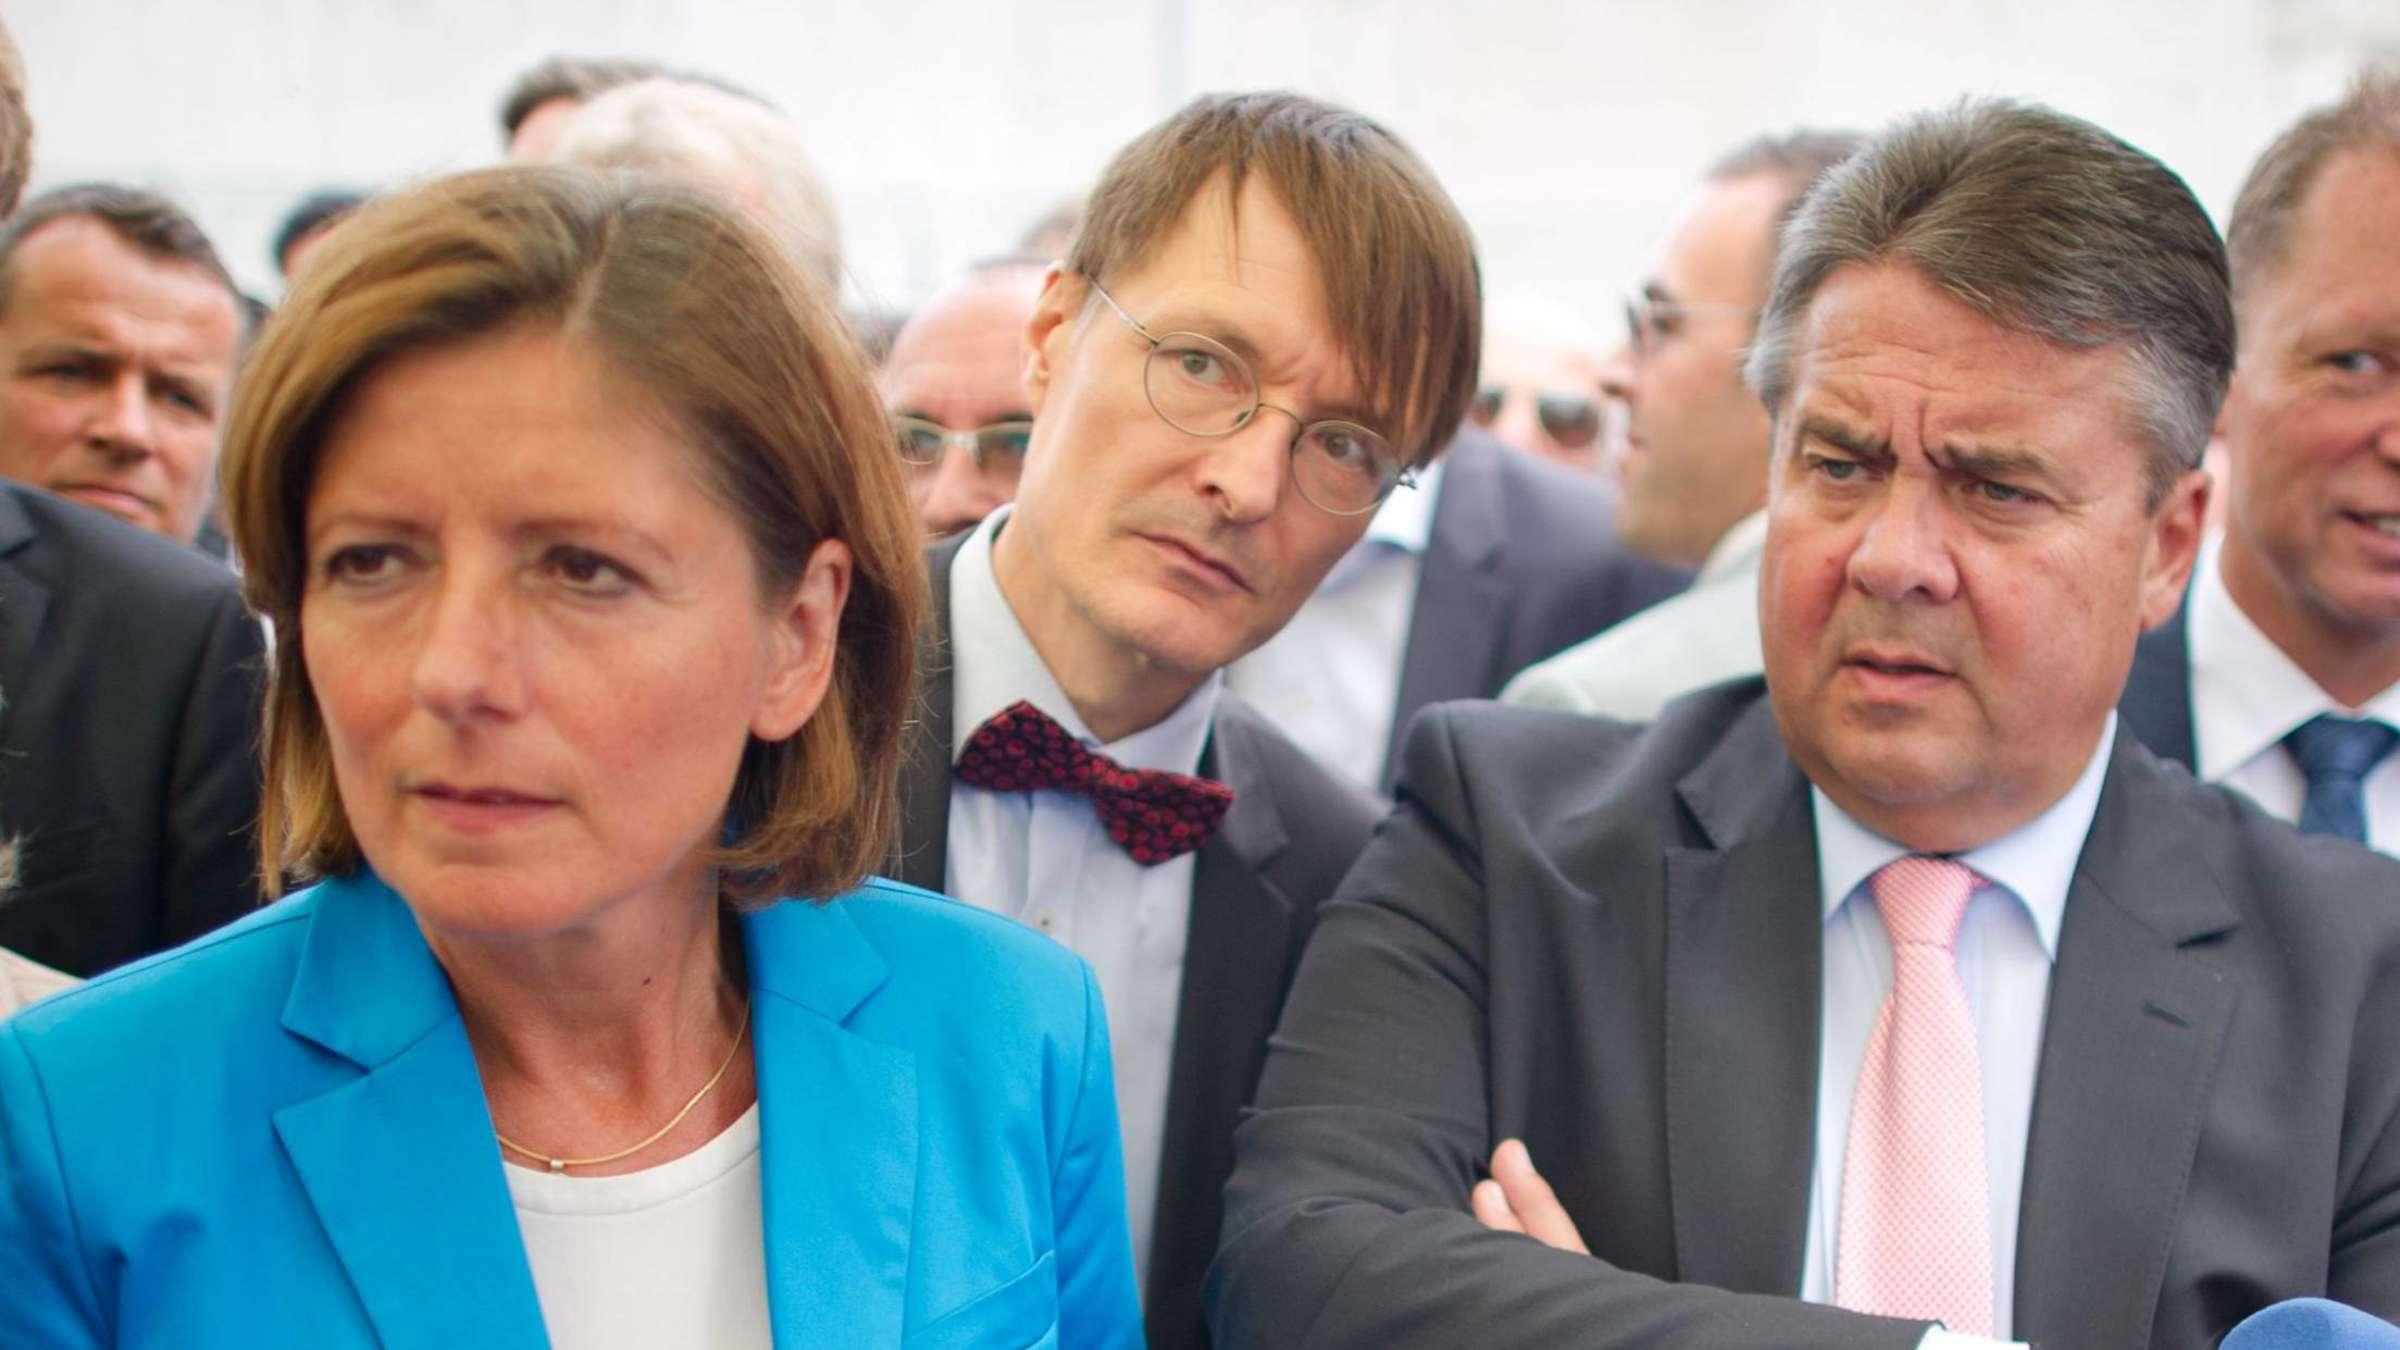 Koalitonsverhandlungen Die Spd Treibt Ihren Preis Hoch Politik